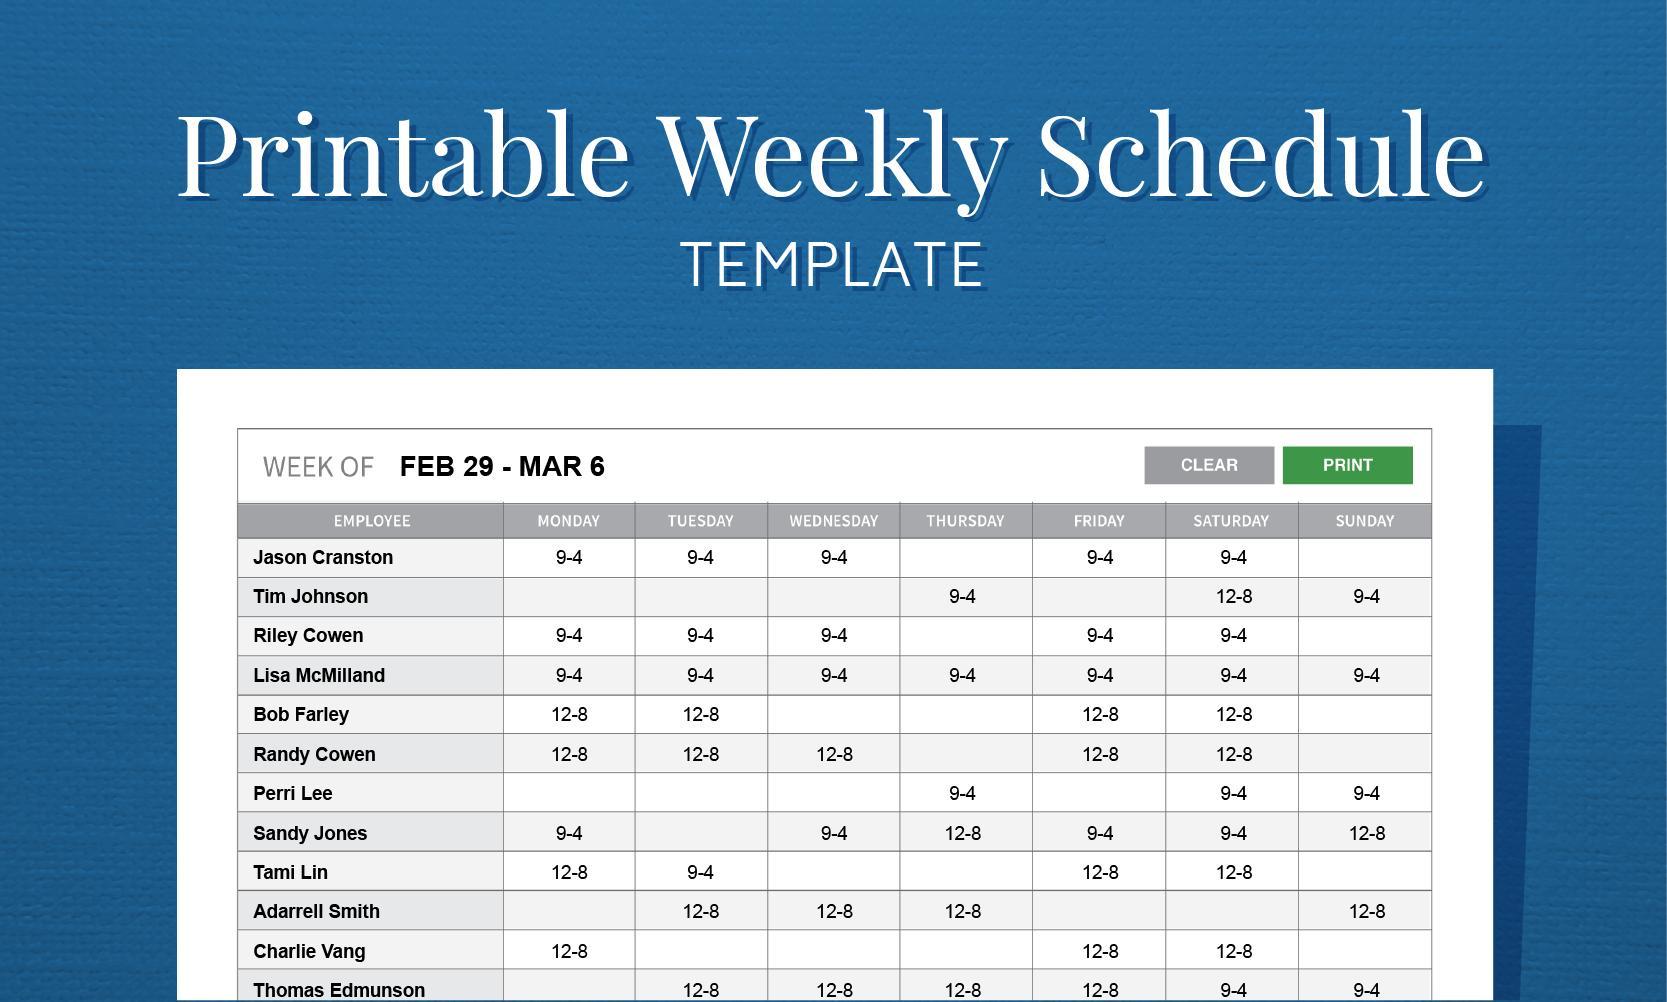 Free Printable Weekly Work Schedule Template